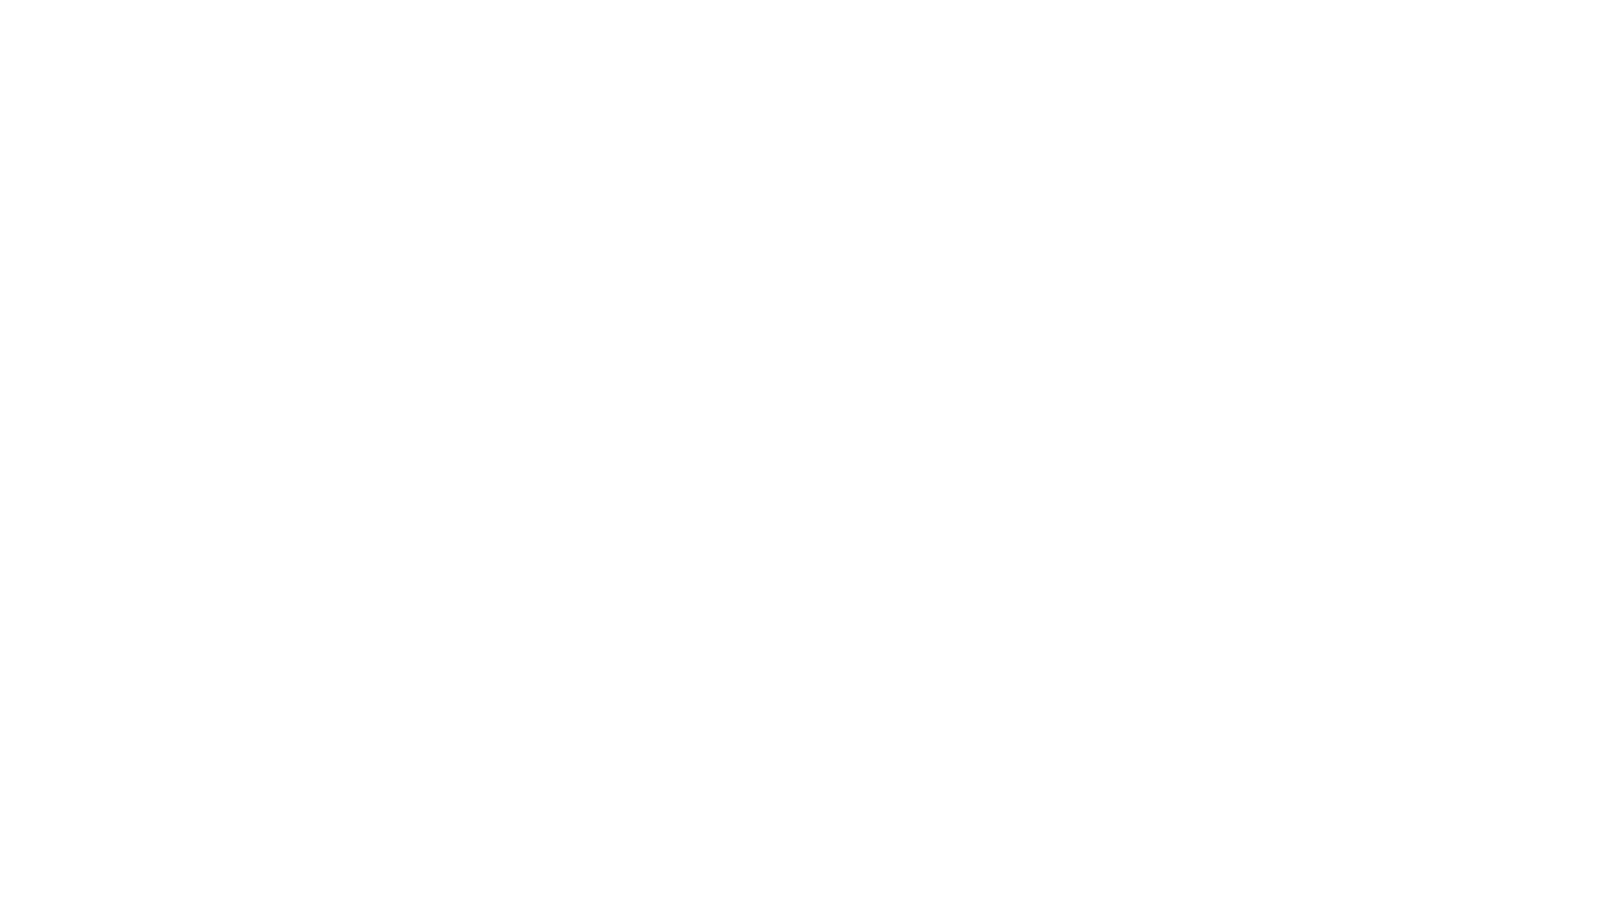 MOBILIDADE RH TOTVS   HF CONSULTING , consultoria homologada TOTVS apresenta seu webinar realizado no dia 02/06/2020 falando de todos os  softwares TOTVS voltado a tecnologia para mobilidade de RH.  Veja todas as opções de softwares e aplicativos que estão disponível para você utilizar em sua empresa.   Gestão de pessoas pela Web, app meu RH. Batida de ponto pelo toque ao celular, reconhecimento facial, geo localização e muito mais.   Software como : -Portal do capital humano   Aplicativos como : -App meu RH -App minha carol clock in -App minha carol clock in kiosk  Com estes softwares sua empresa ira reduzir custos operacionais, tempo de trabalhos, redução de ligações e ocupação da equipe de seu RH junto com a praticidade de mobilidade junto ao smartfone.  --------------------------------------------------------------------------------------------------------------------------- Links   Portaria 1510 – SREP https://bit.ly/2XsEybO --------------------------------------------------------------------------------------------------------------------------- Portaria 373 – Sobre batida de ponto sem relógio de ponto  https://bit.ly/2XsEybO --------------------------------------------------------------------------------------------------------------------------- Baixe nosso PPT da apresentação  https://bit.ly/2XsEybO --------------------------------------------------------------------------------------------------------------------------- Nossa consultoria TOTVS  https://www.hfbr.com.br/